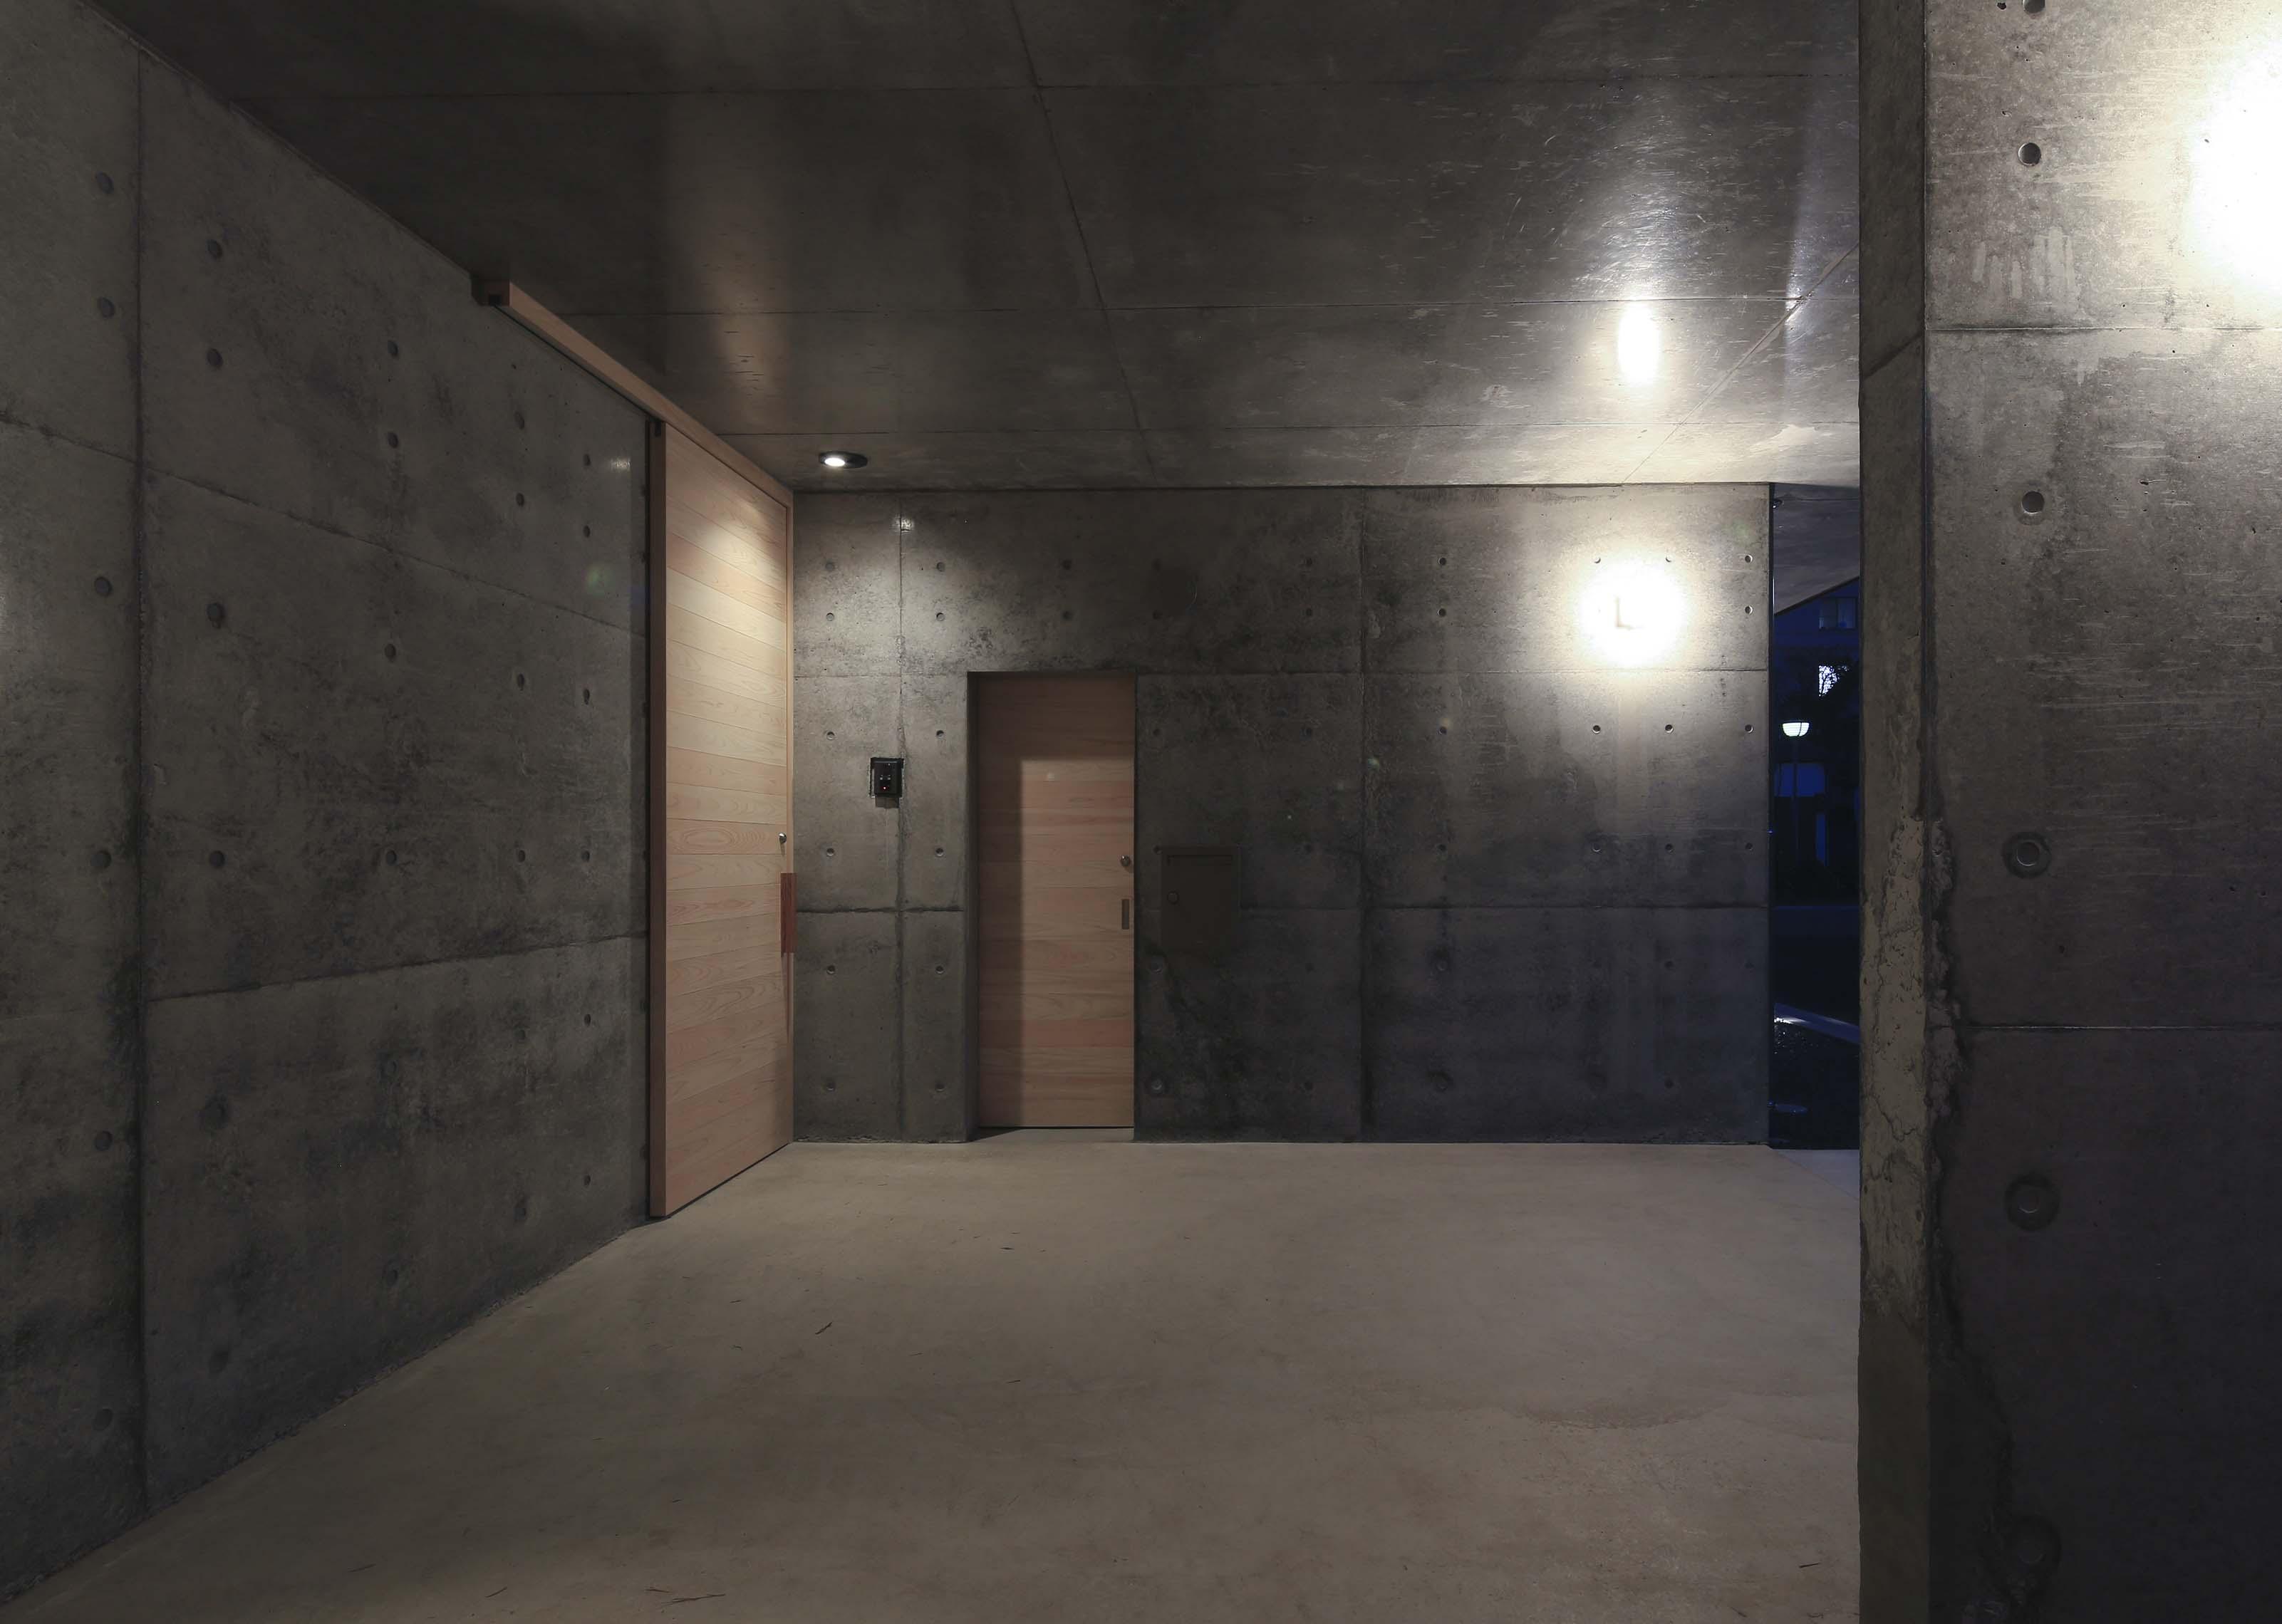 キャンティレバーの家8 外観写真撮影_e0028417_8121652.jpg